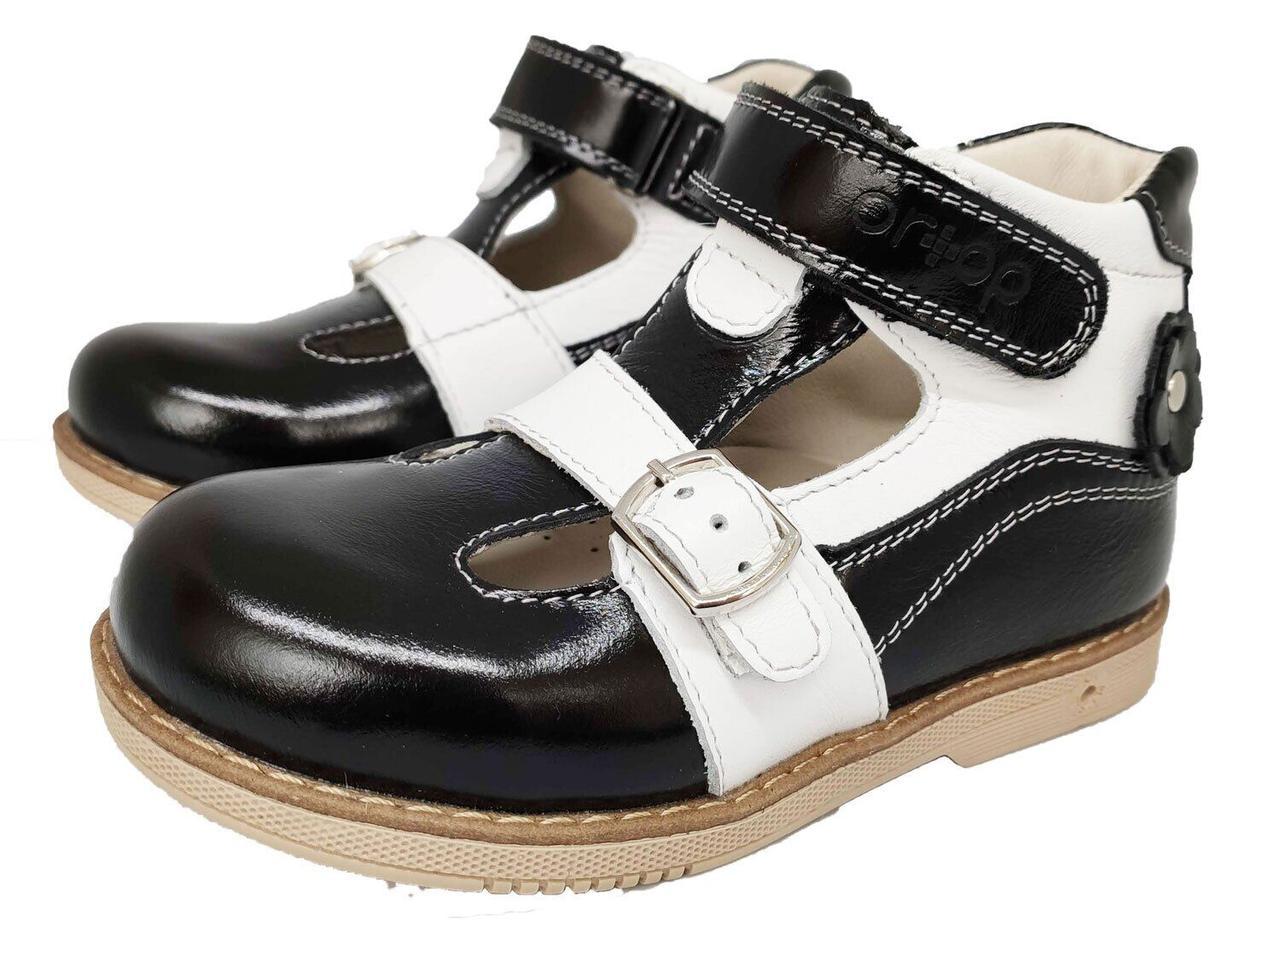 Туфли ортопедические с супинатором Ortop 015BlackL (лакированная кожа), размер 20